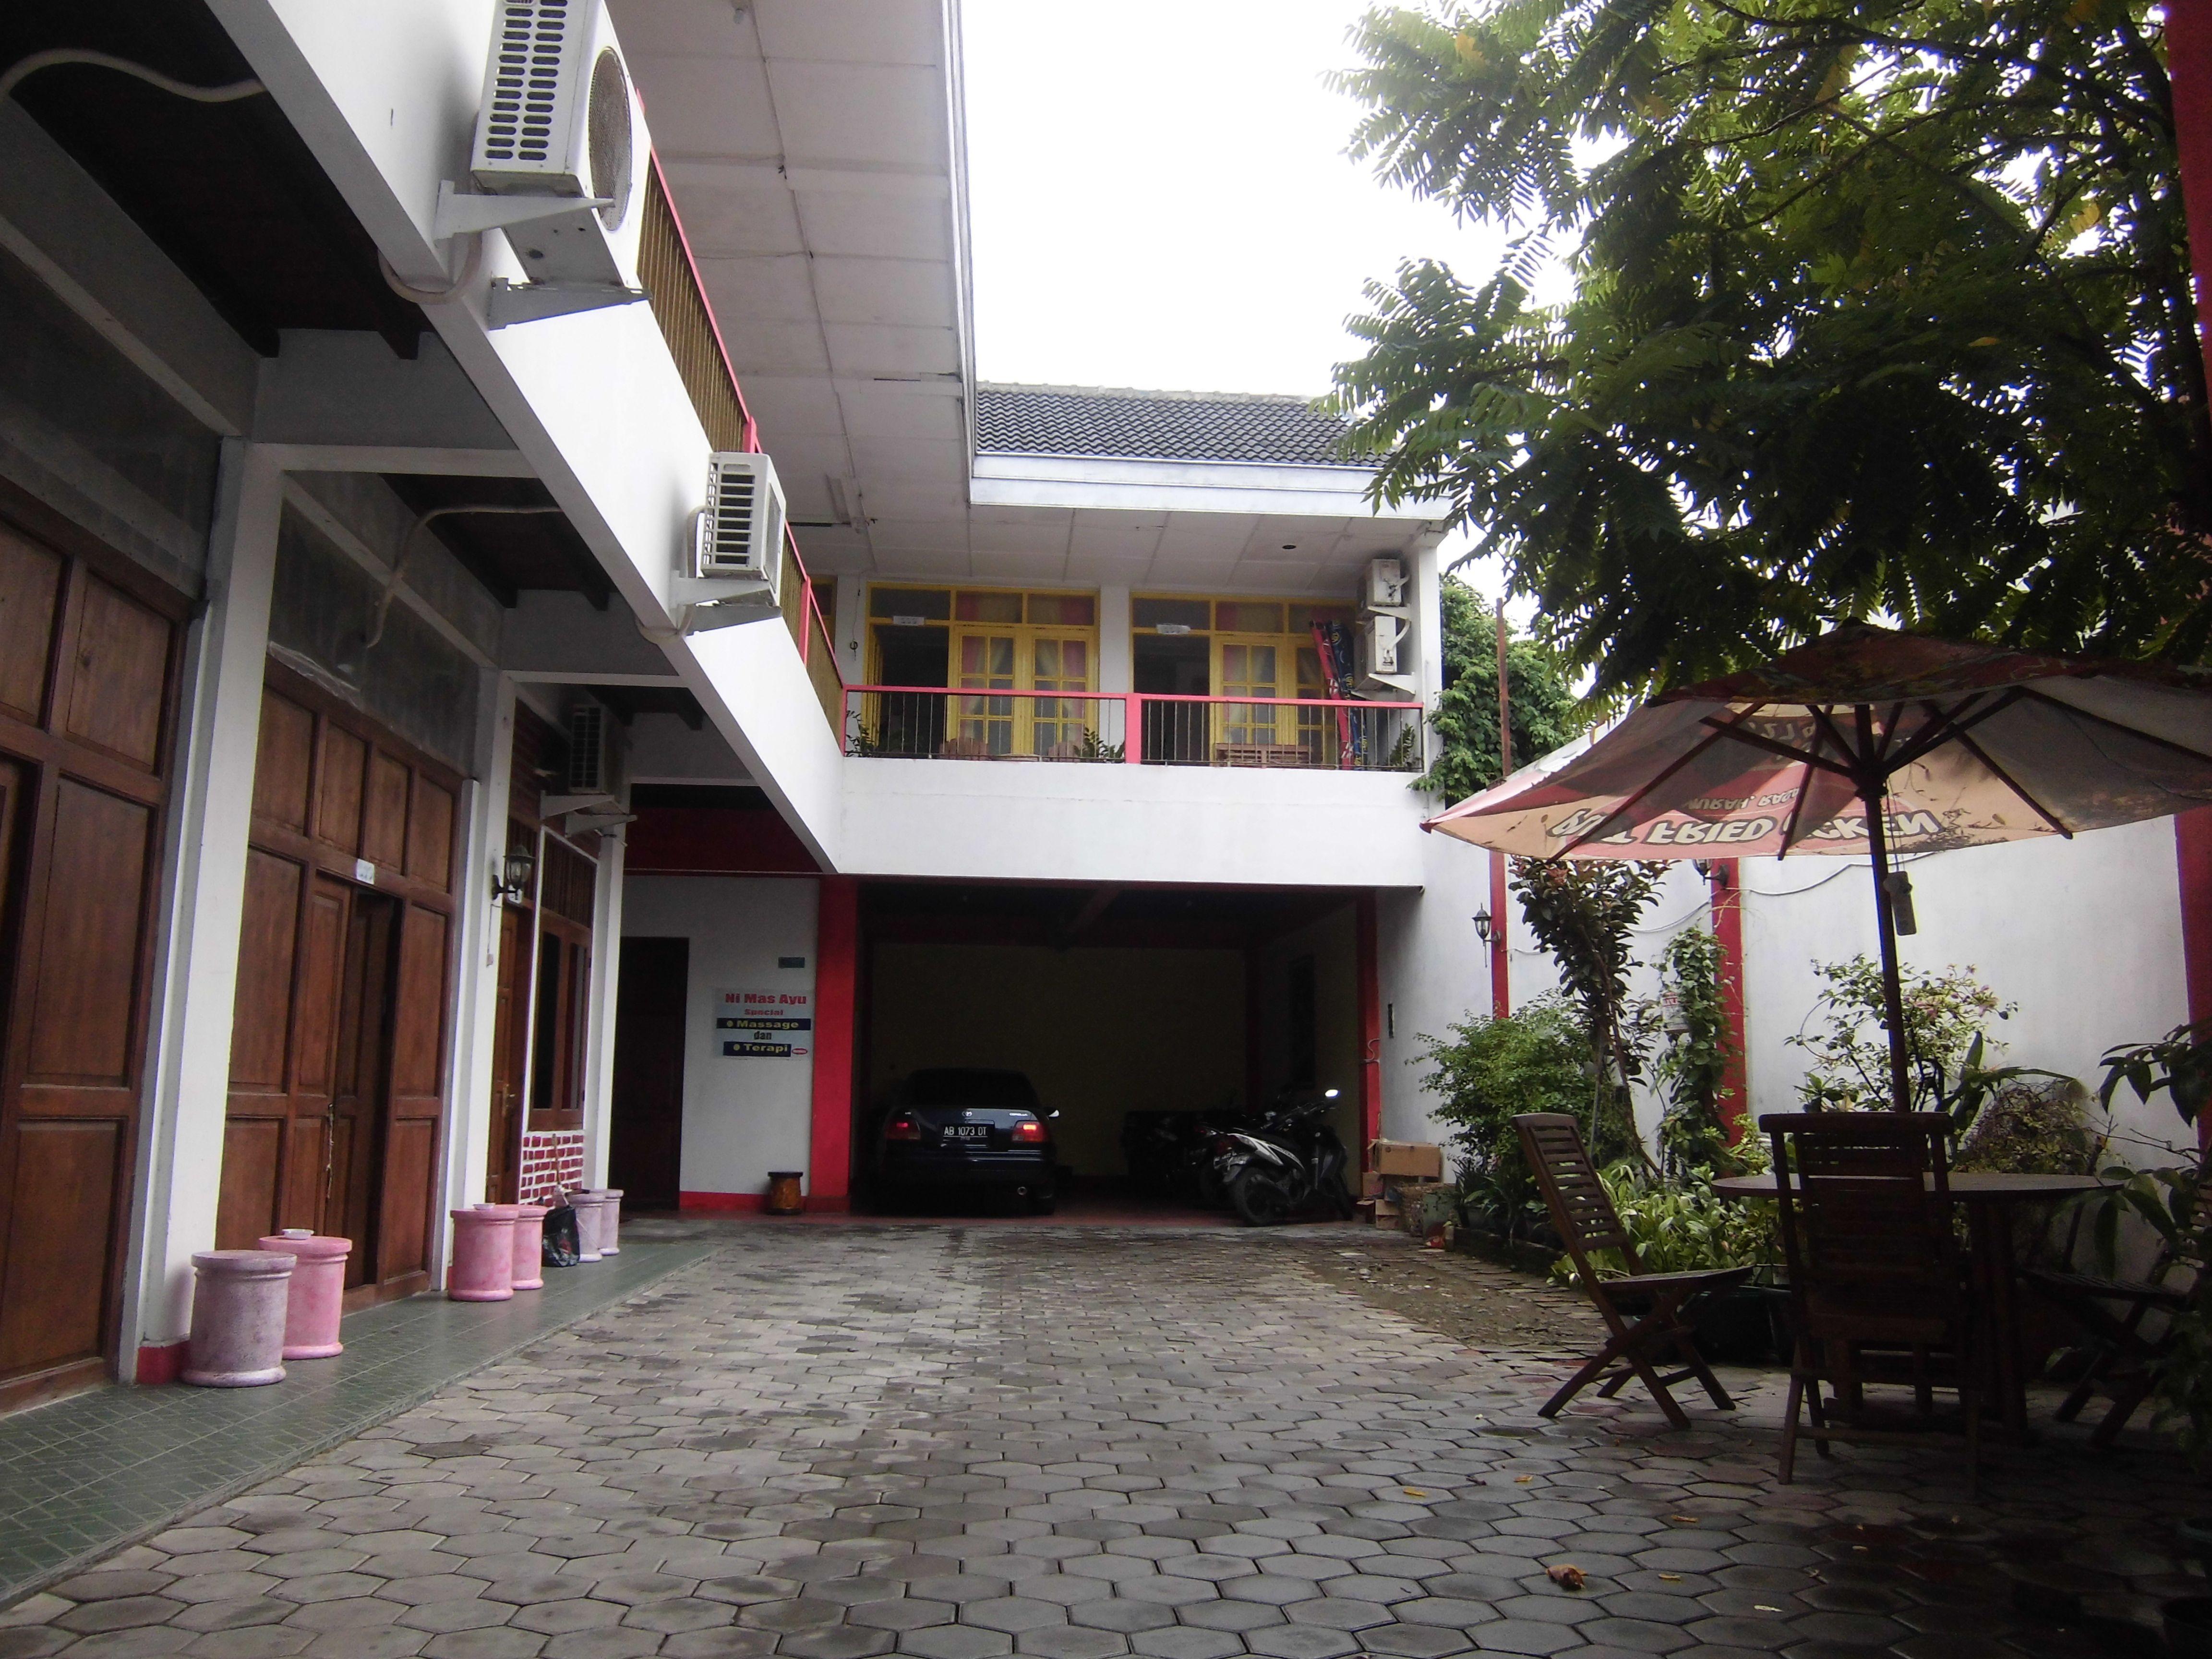 Ki Agung Prestise Hotel, Yogyakarta